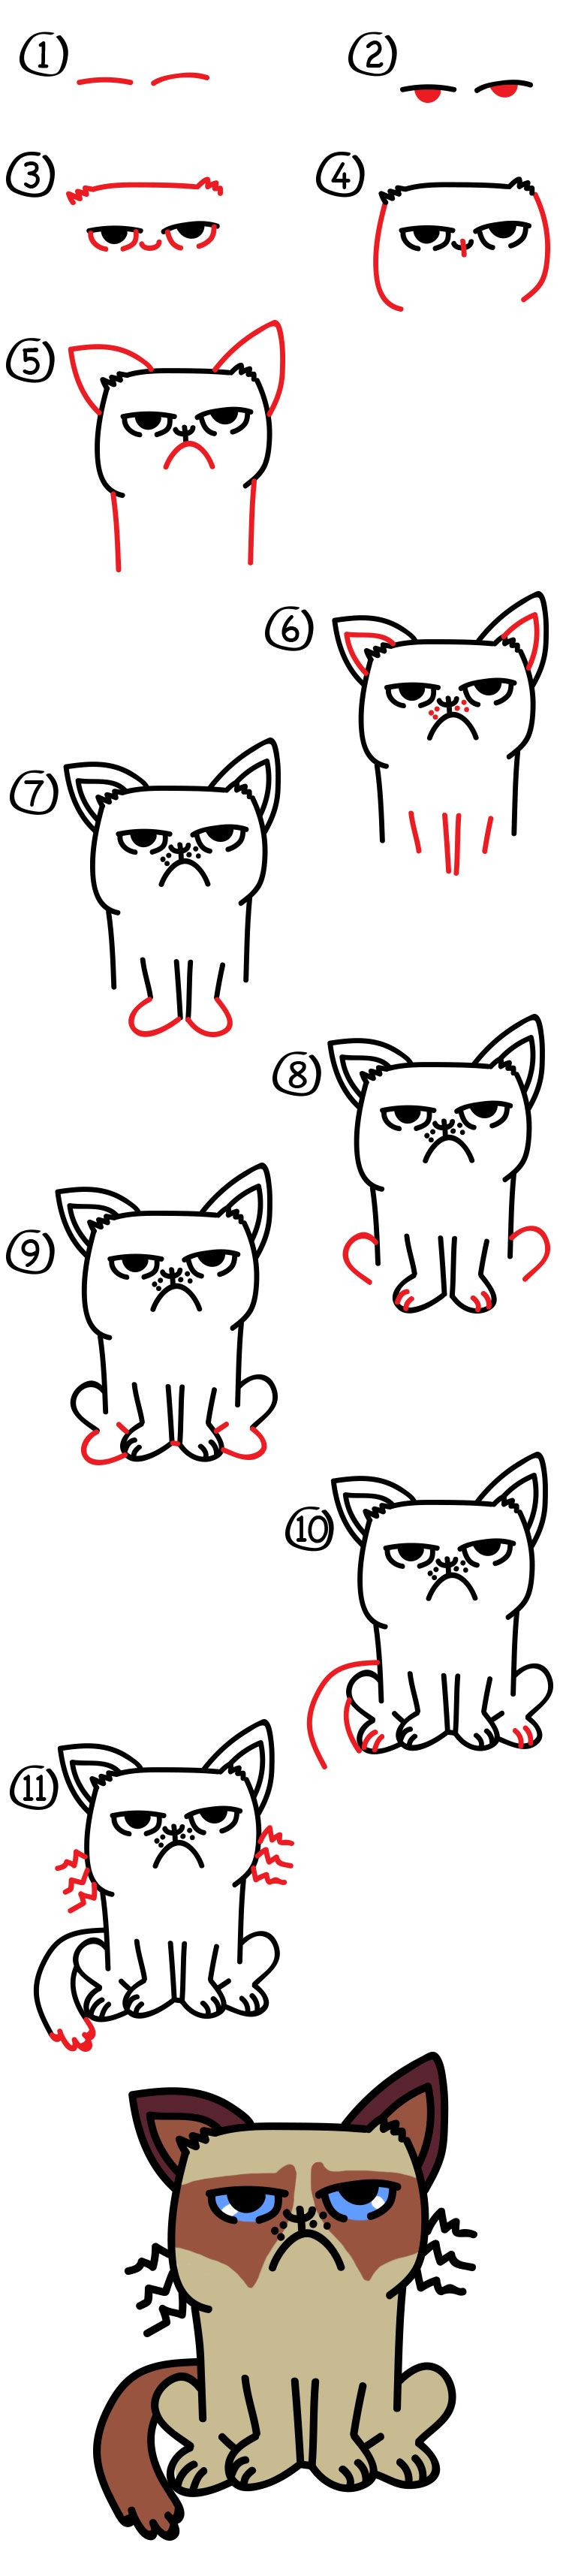 How to draw grumpy cat art for kids hub grumpy cat